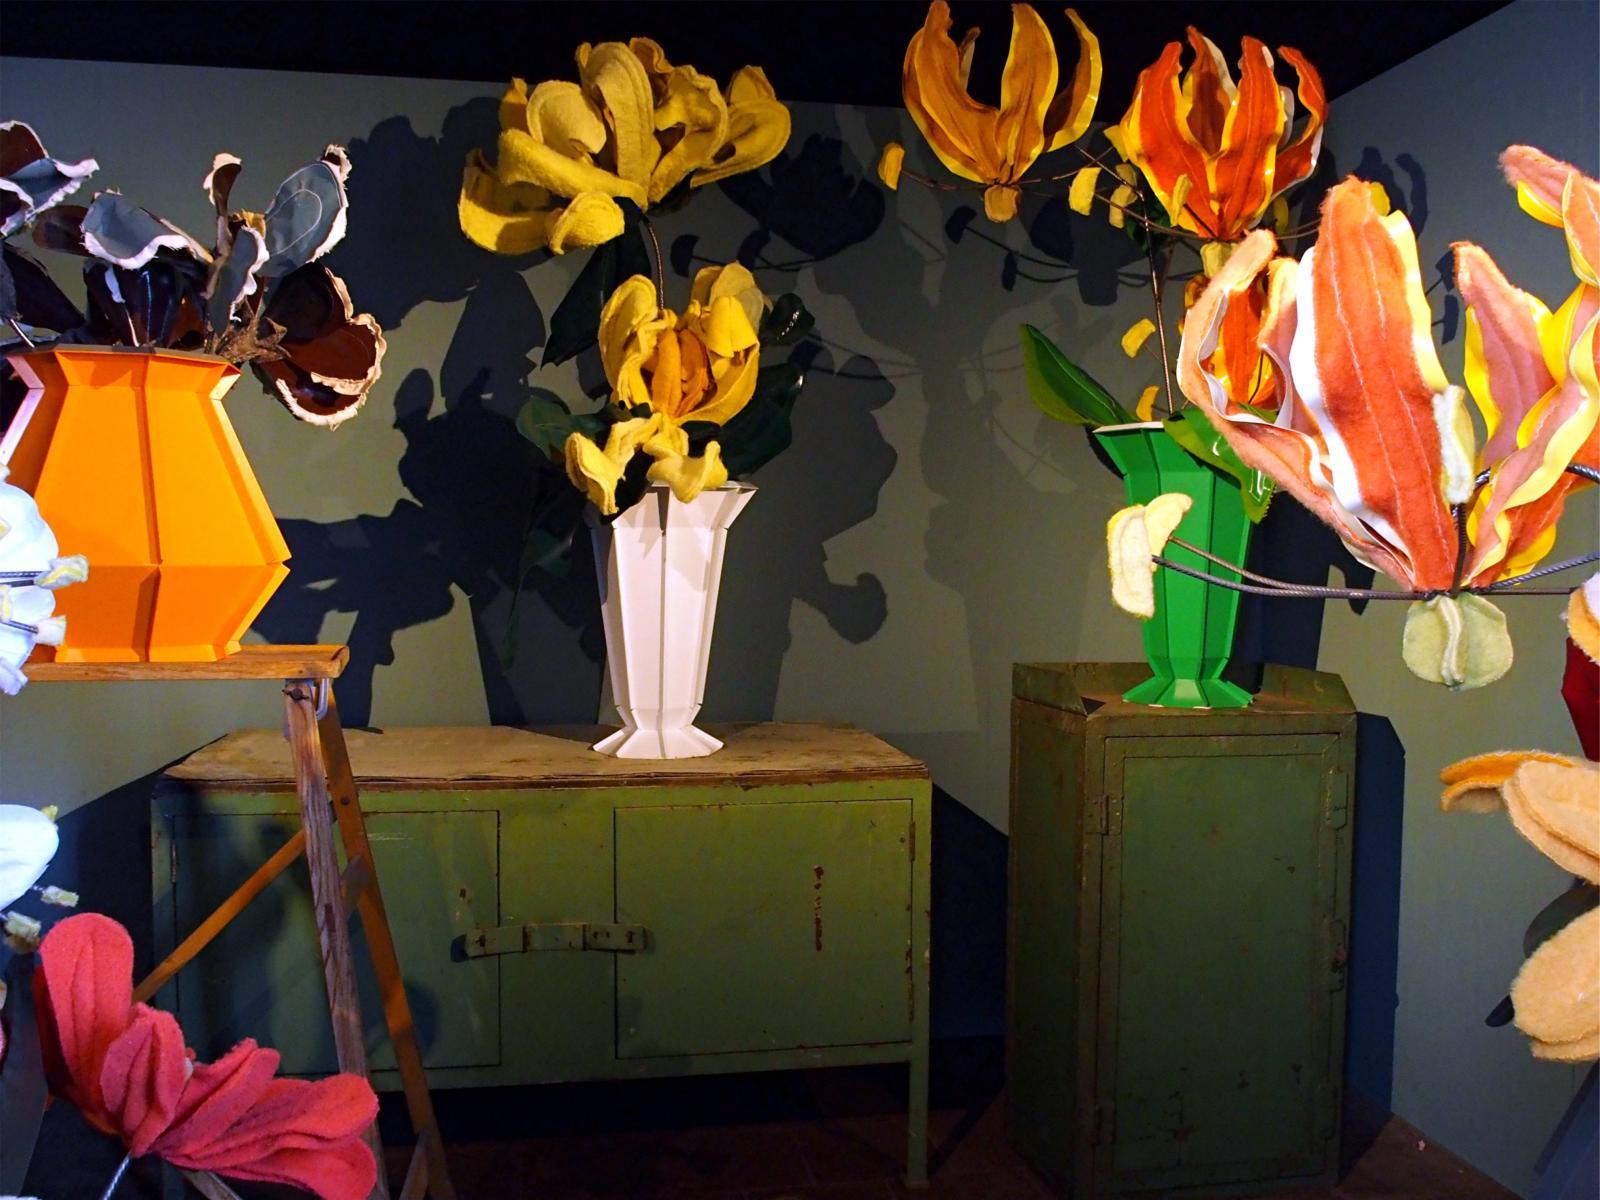 «Flowers arrangements», de Linda Nieuwstad (née en 1974), invitée dans le concept-store de Piet HeinEek.